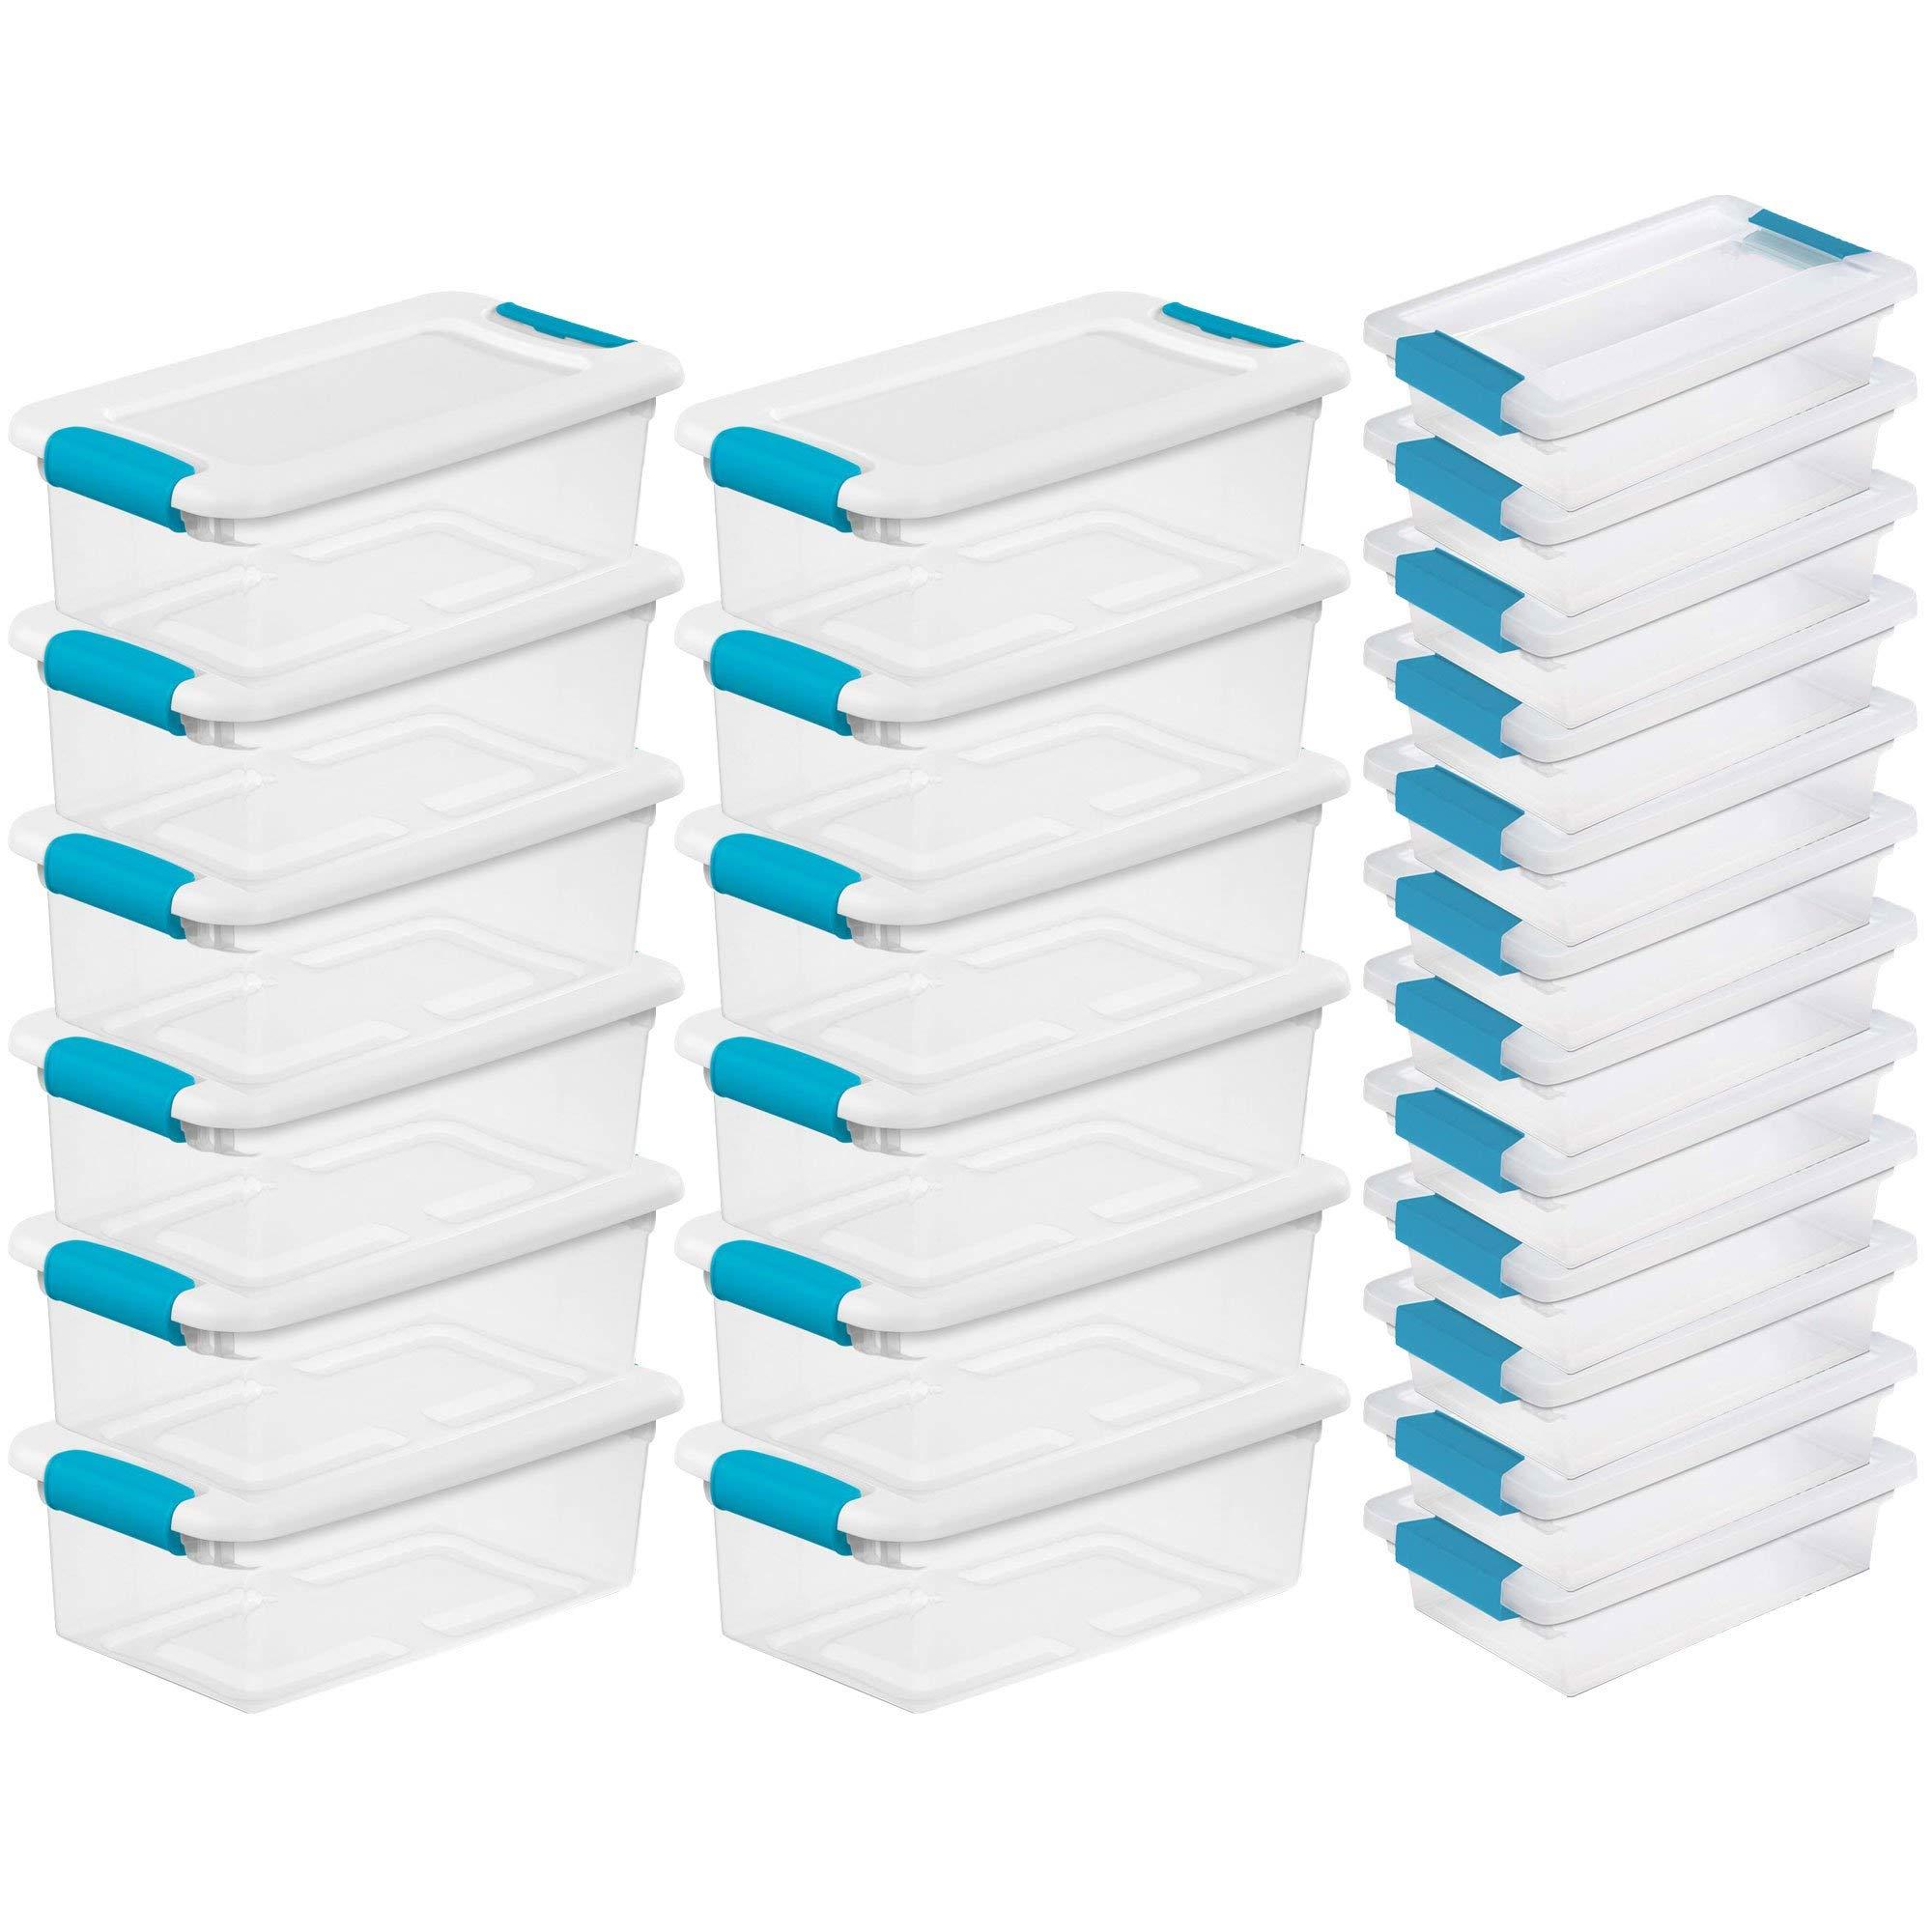 STERILITE 6 Qt Stackable Storage Box Container & Small File Clip Box (12 Each) by STERILITE